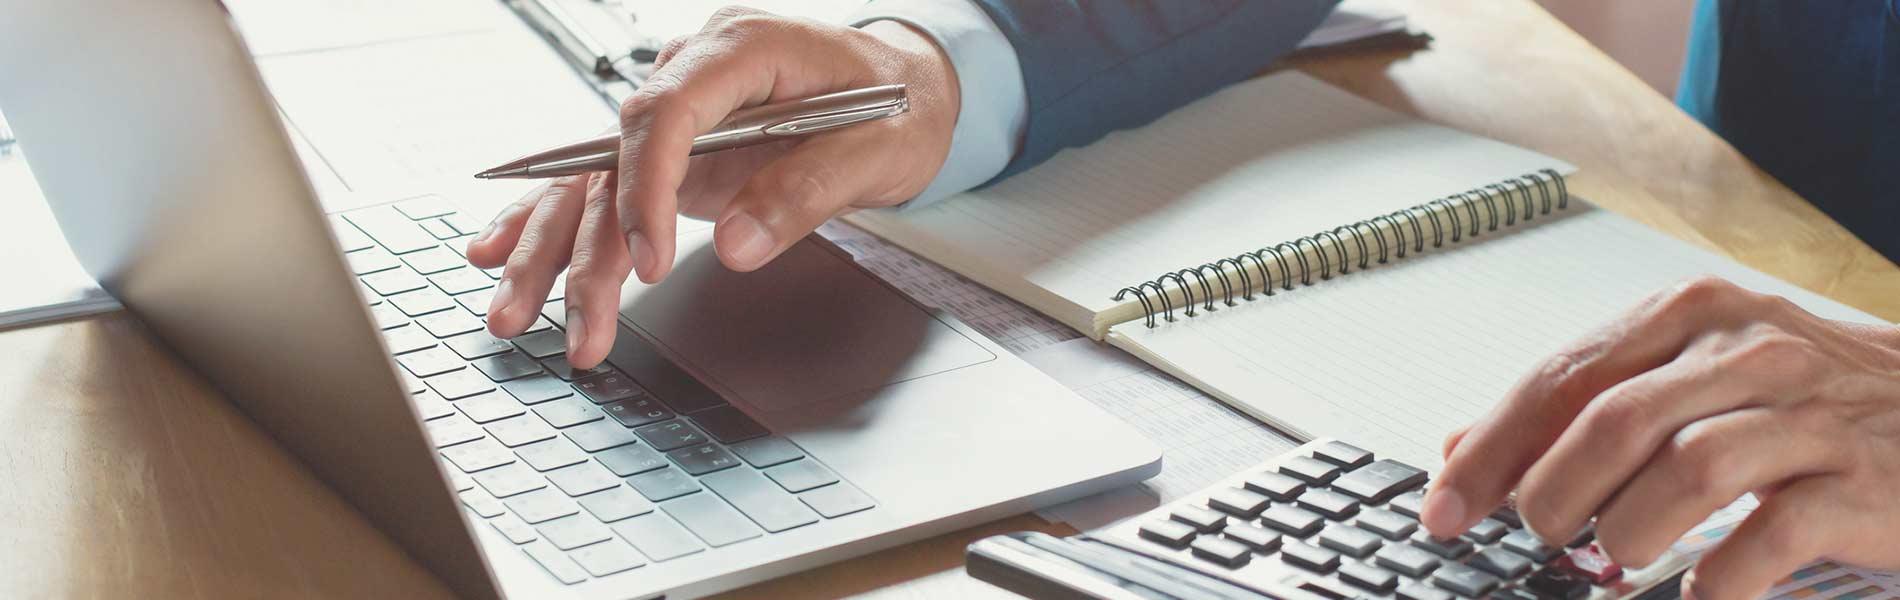 Lessor Payroll lønssystem til Business Central - Continia Statement Intelligence bankafstemningsmodul til Business Central